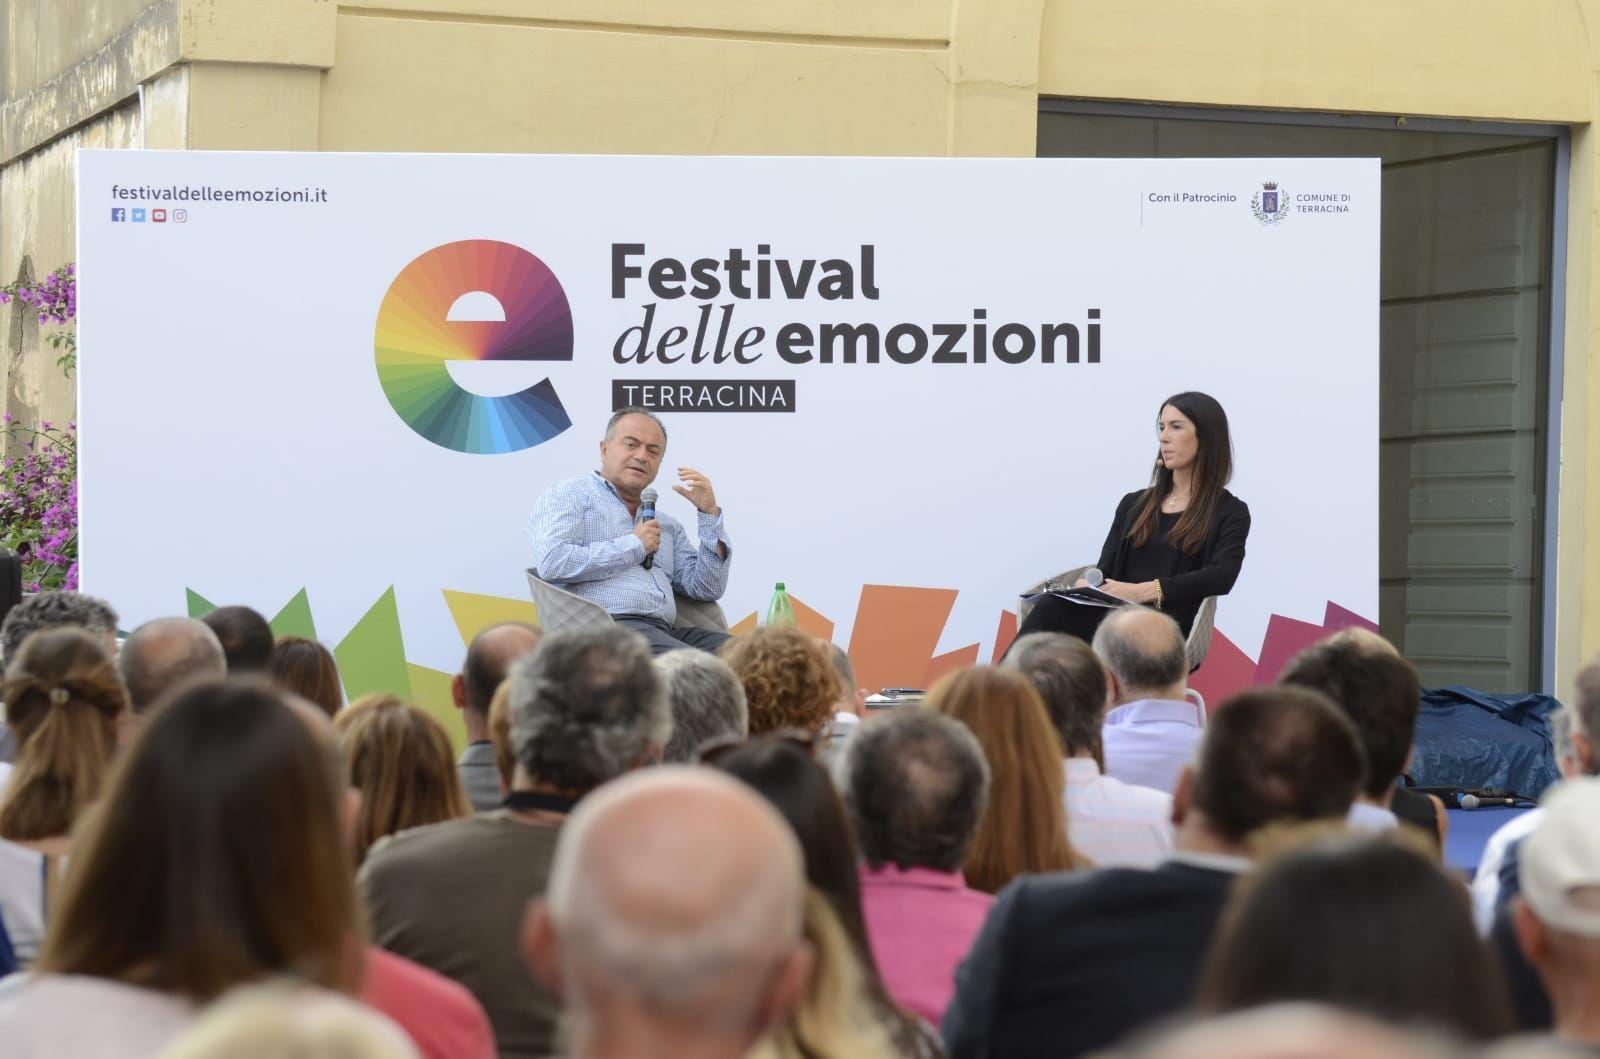 Seminari ed altri eventi - Festival delle emozioni